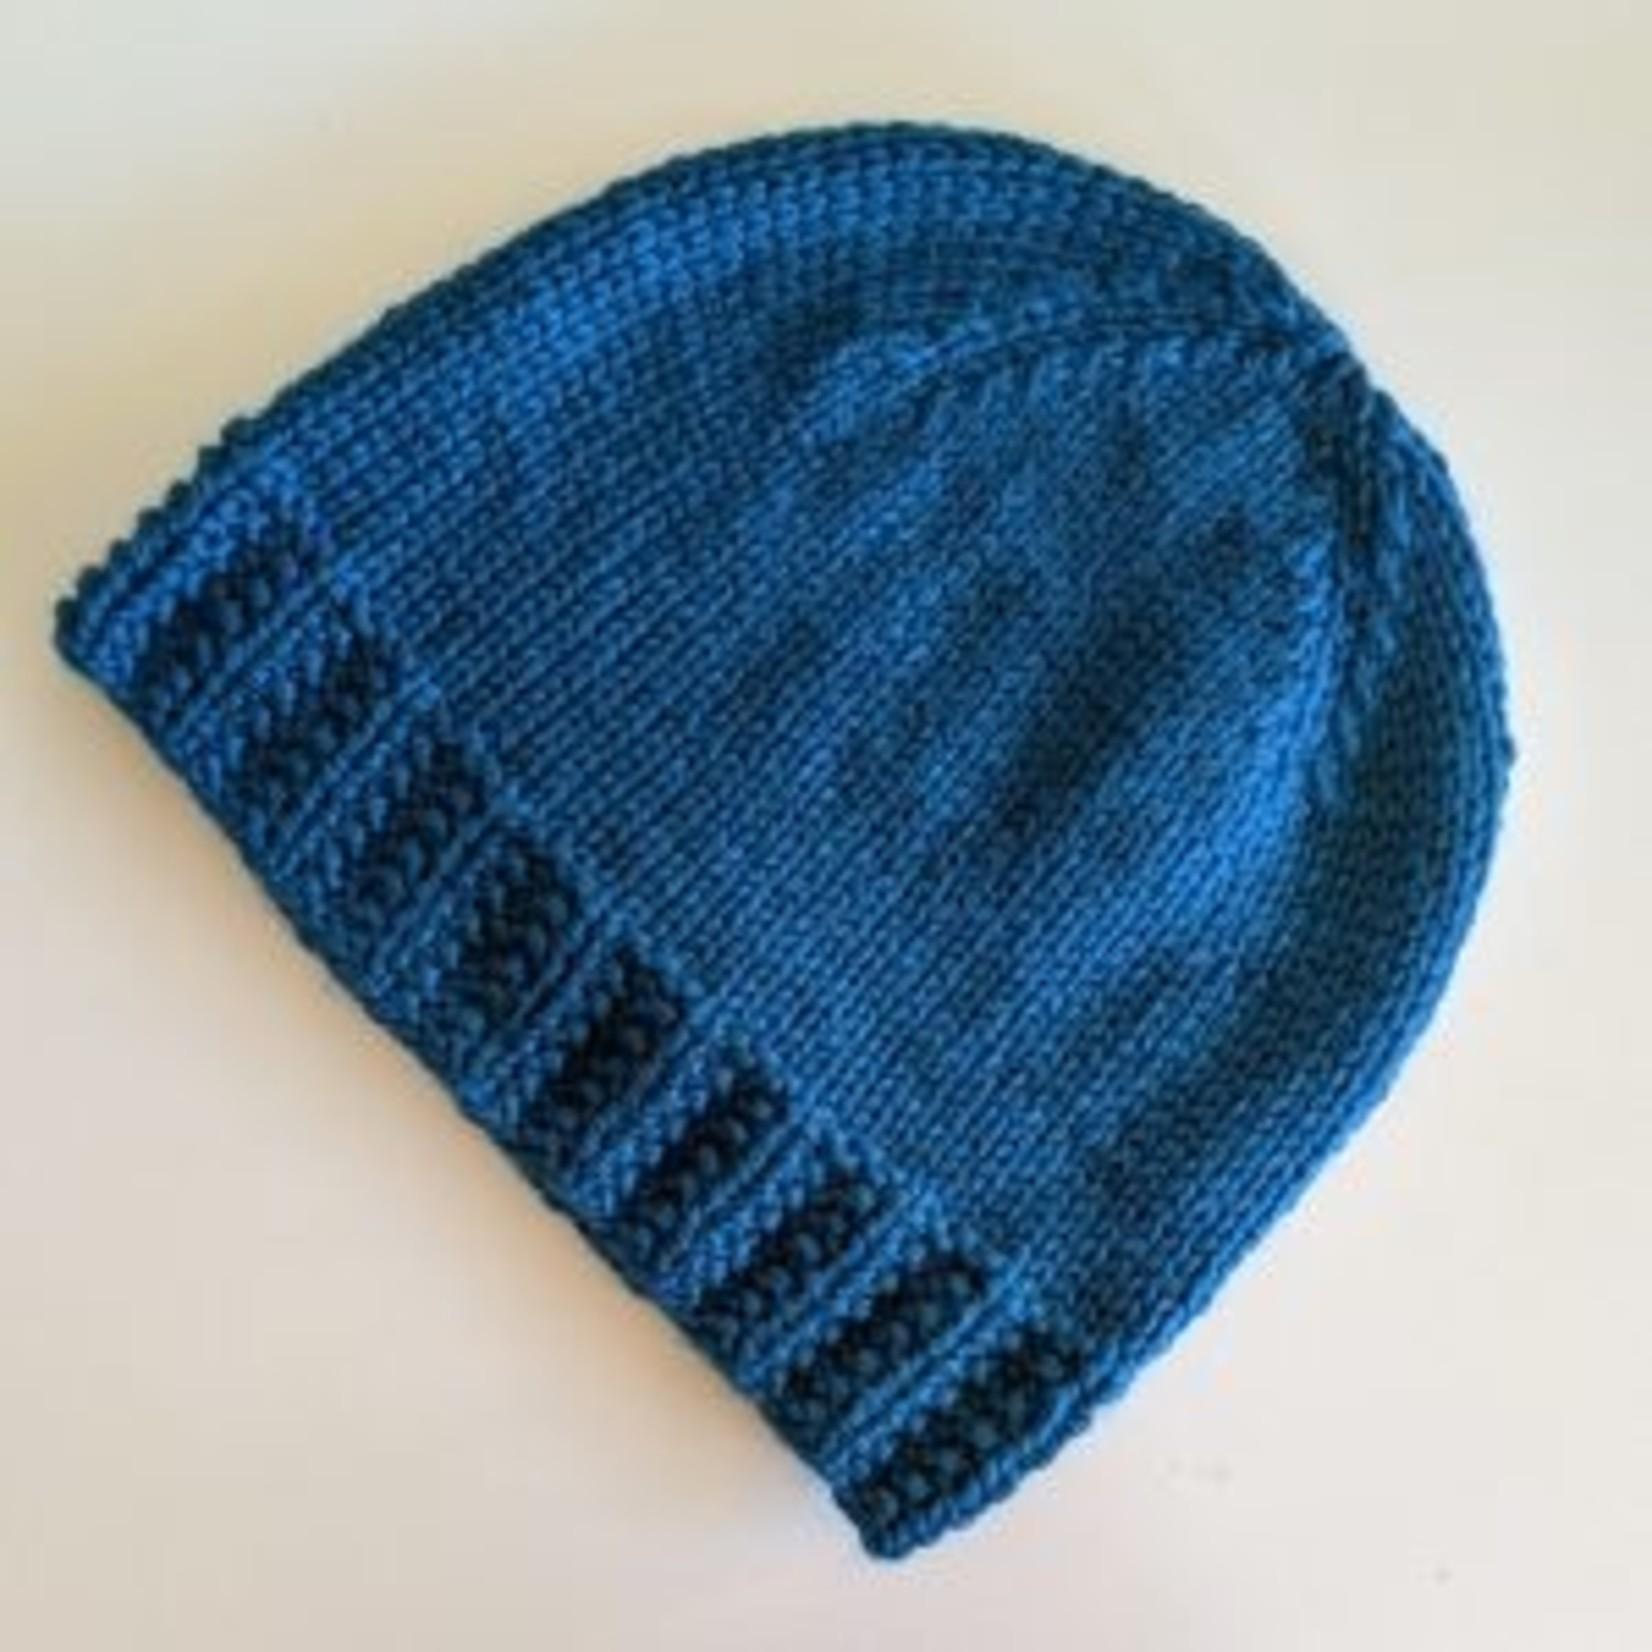 Next Steps Beginner Knitting -  Online via Zoom